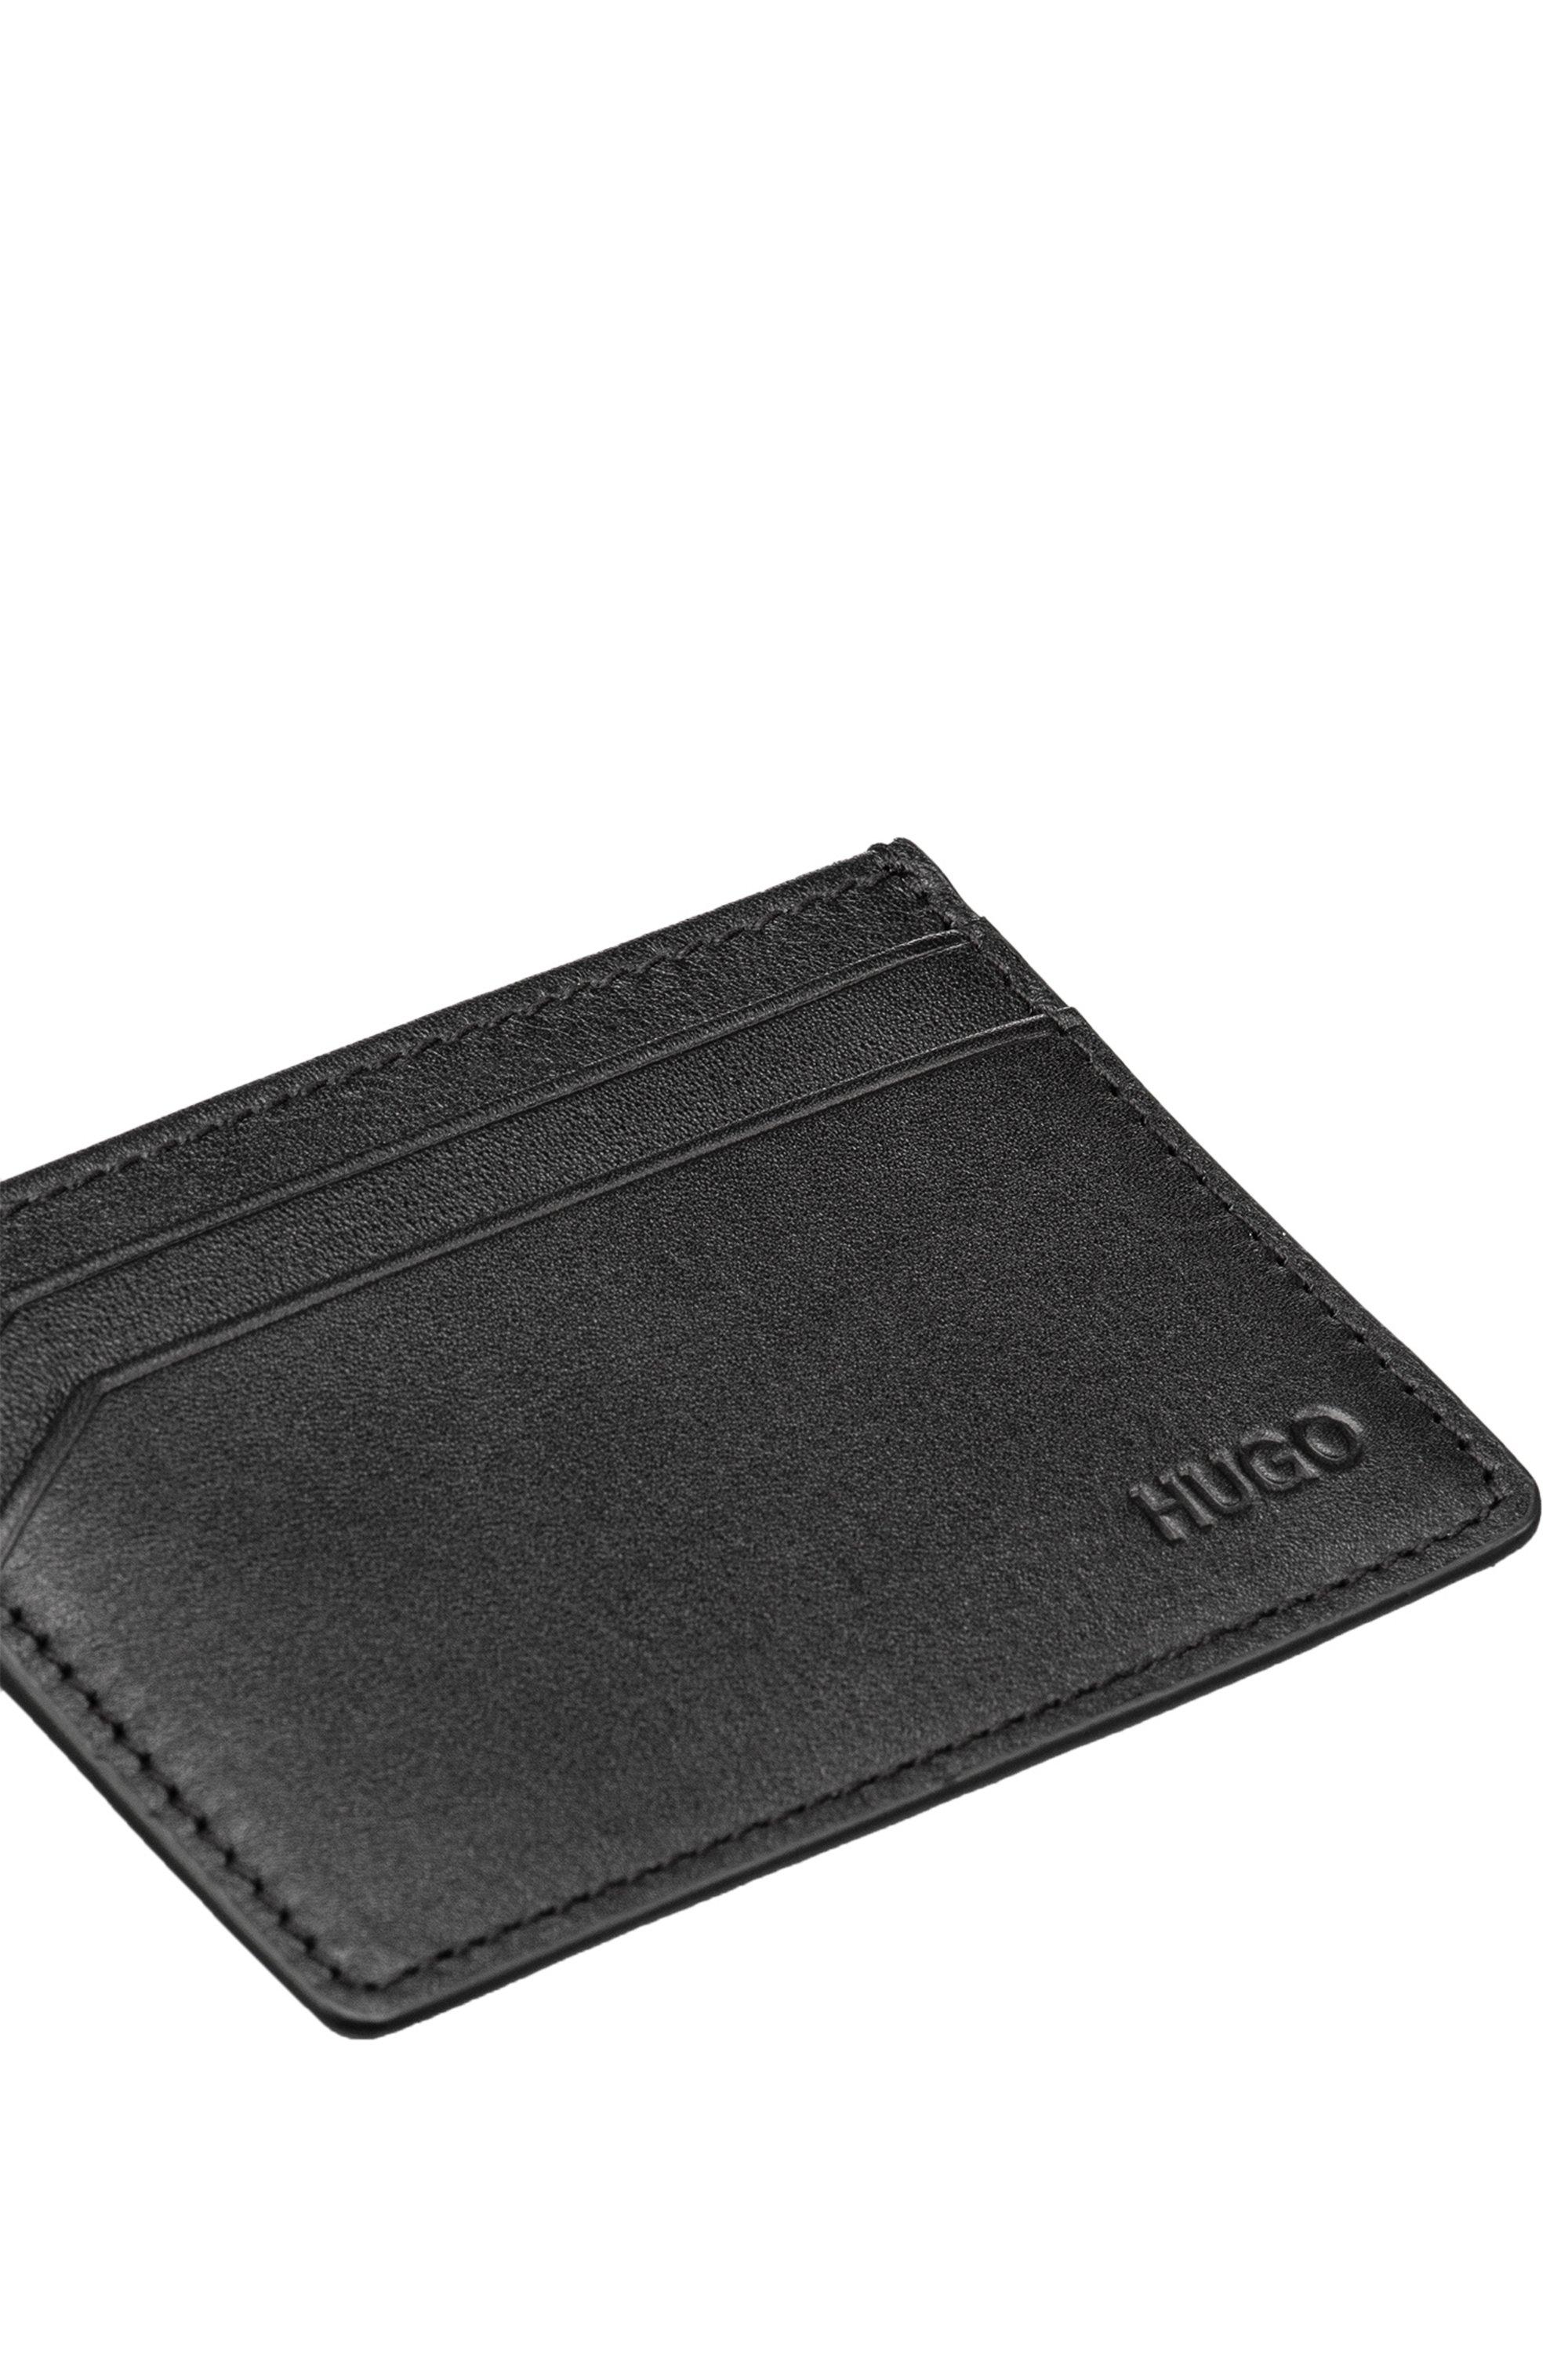 Porte-cartes en cuir lisse à quatre fentes